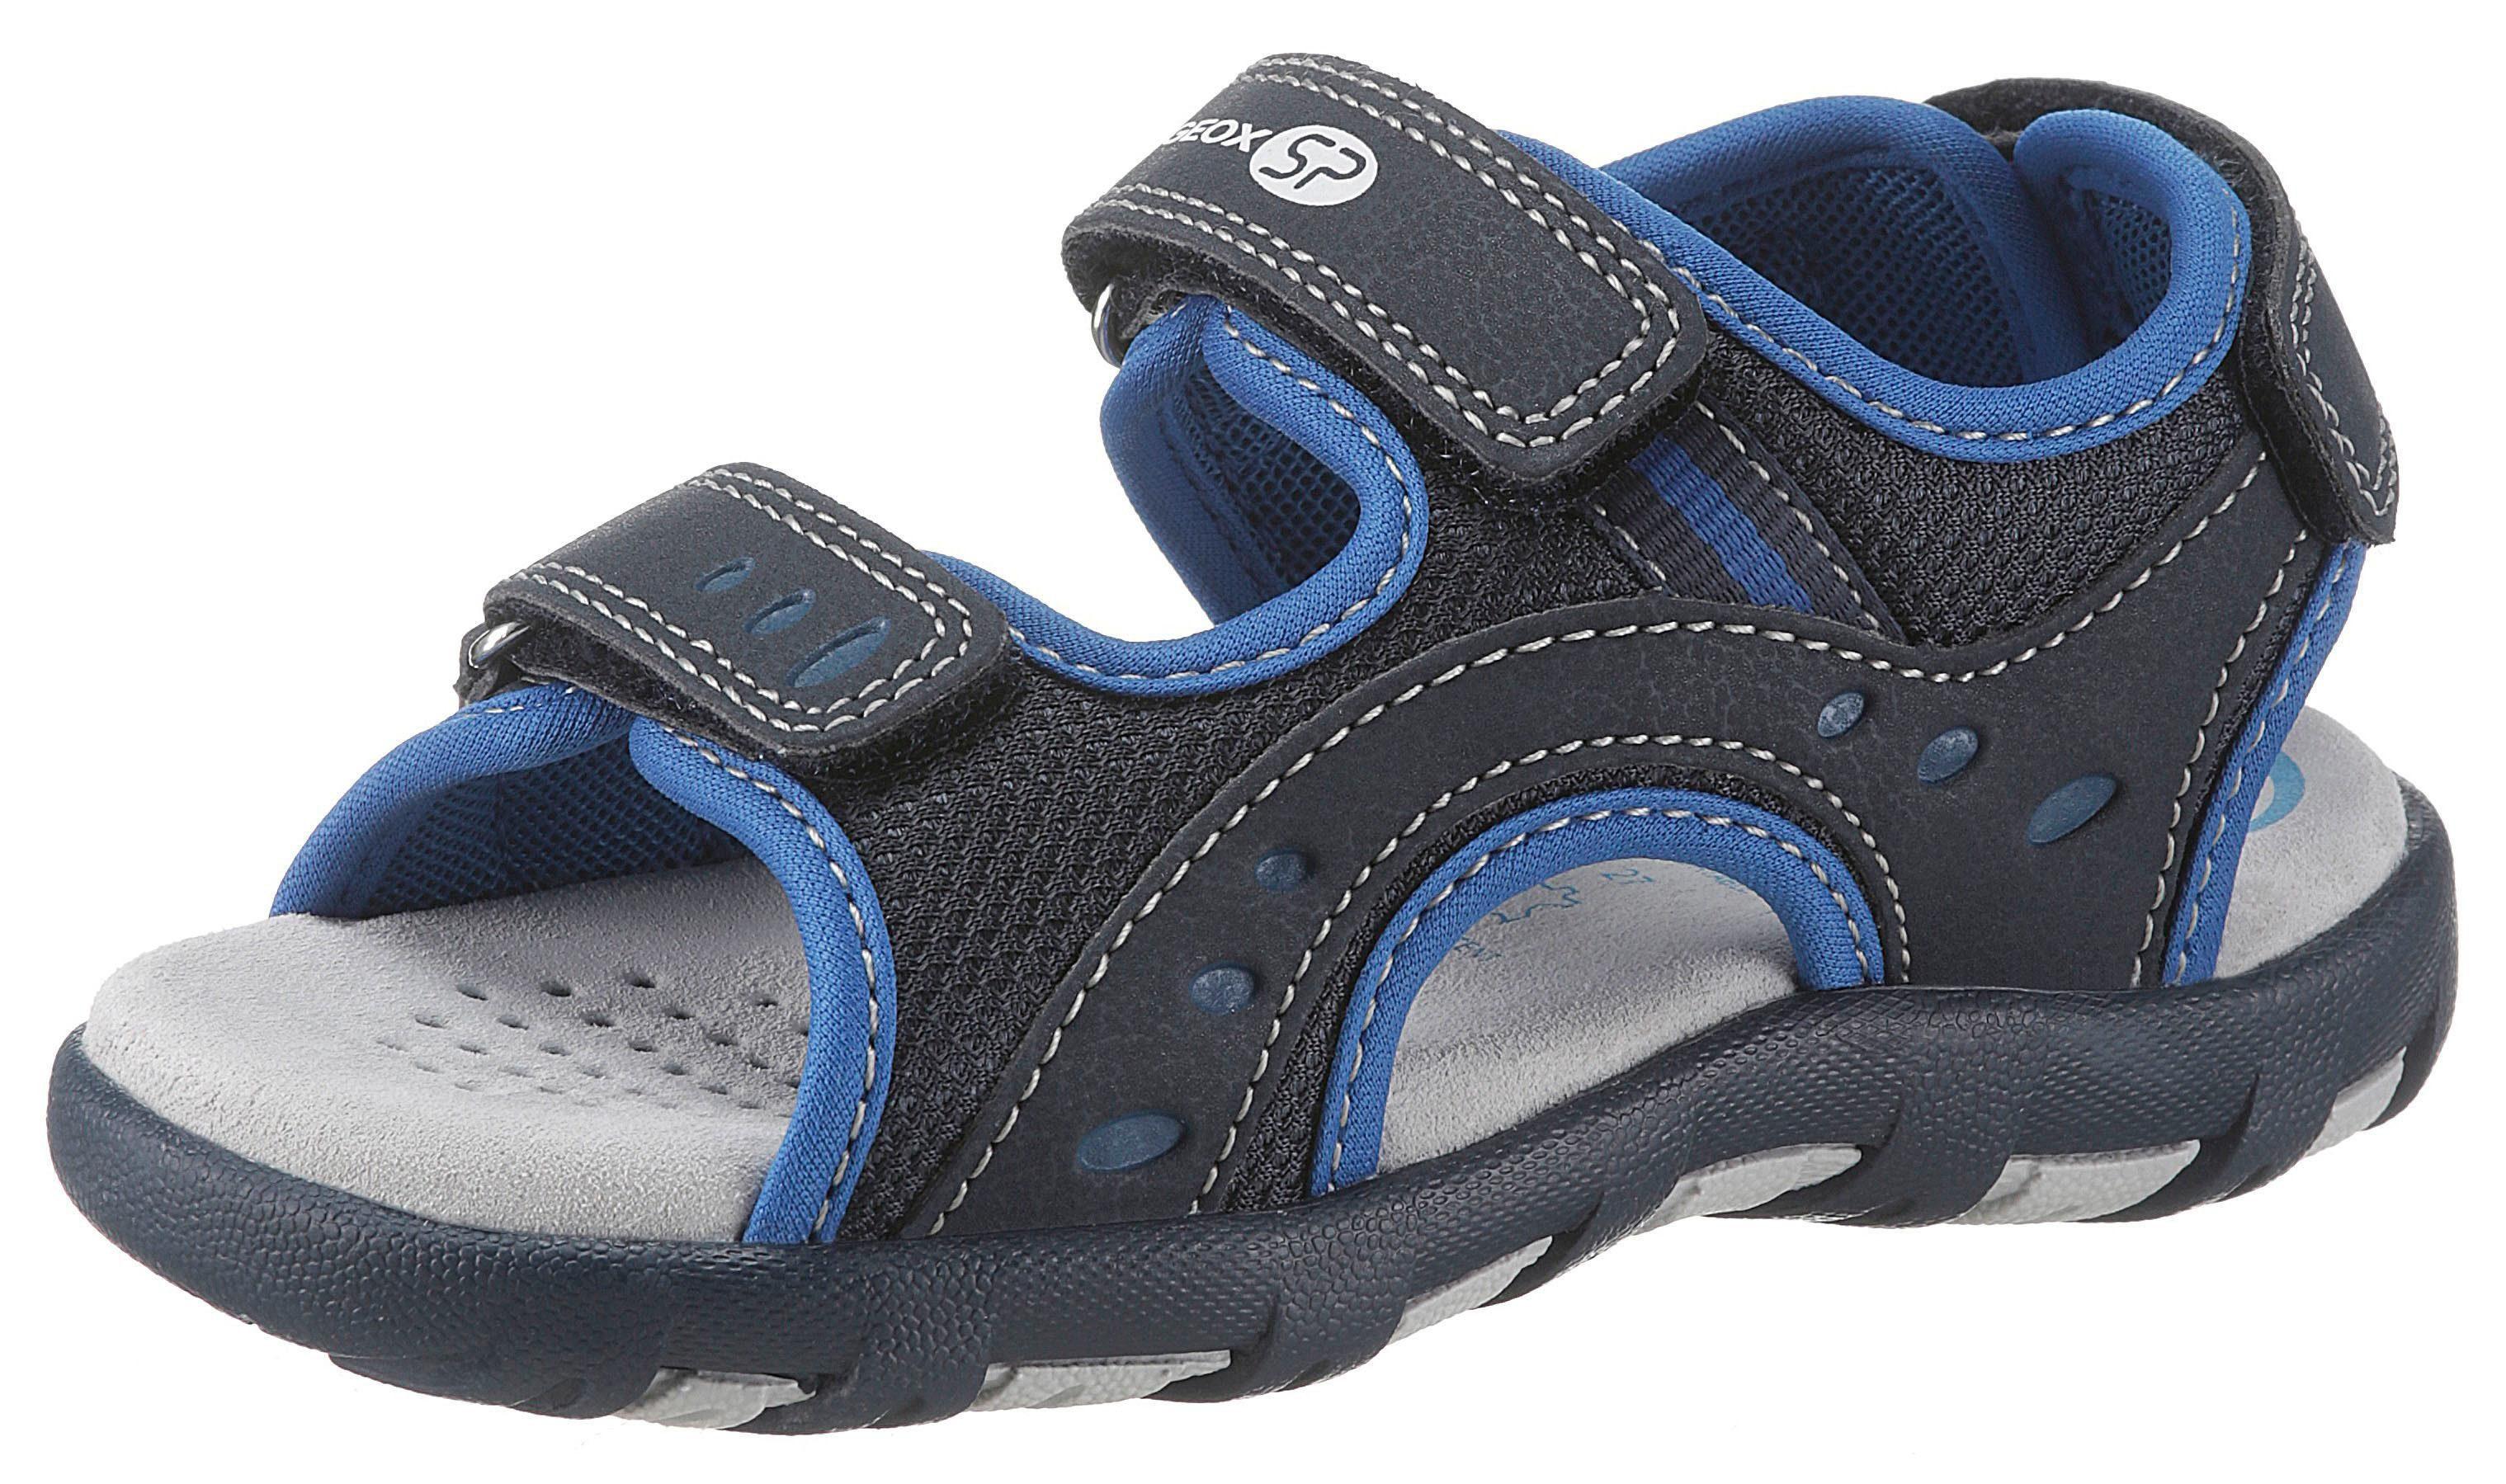 Geox Kids »Pianeta« Sandale mit bequemem Softfußbett aus Leder online kaufen | OTTO